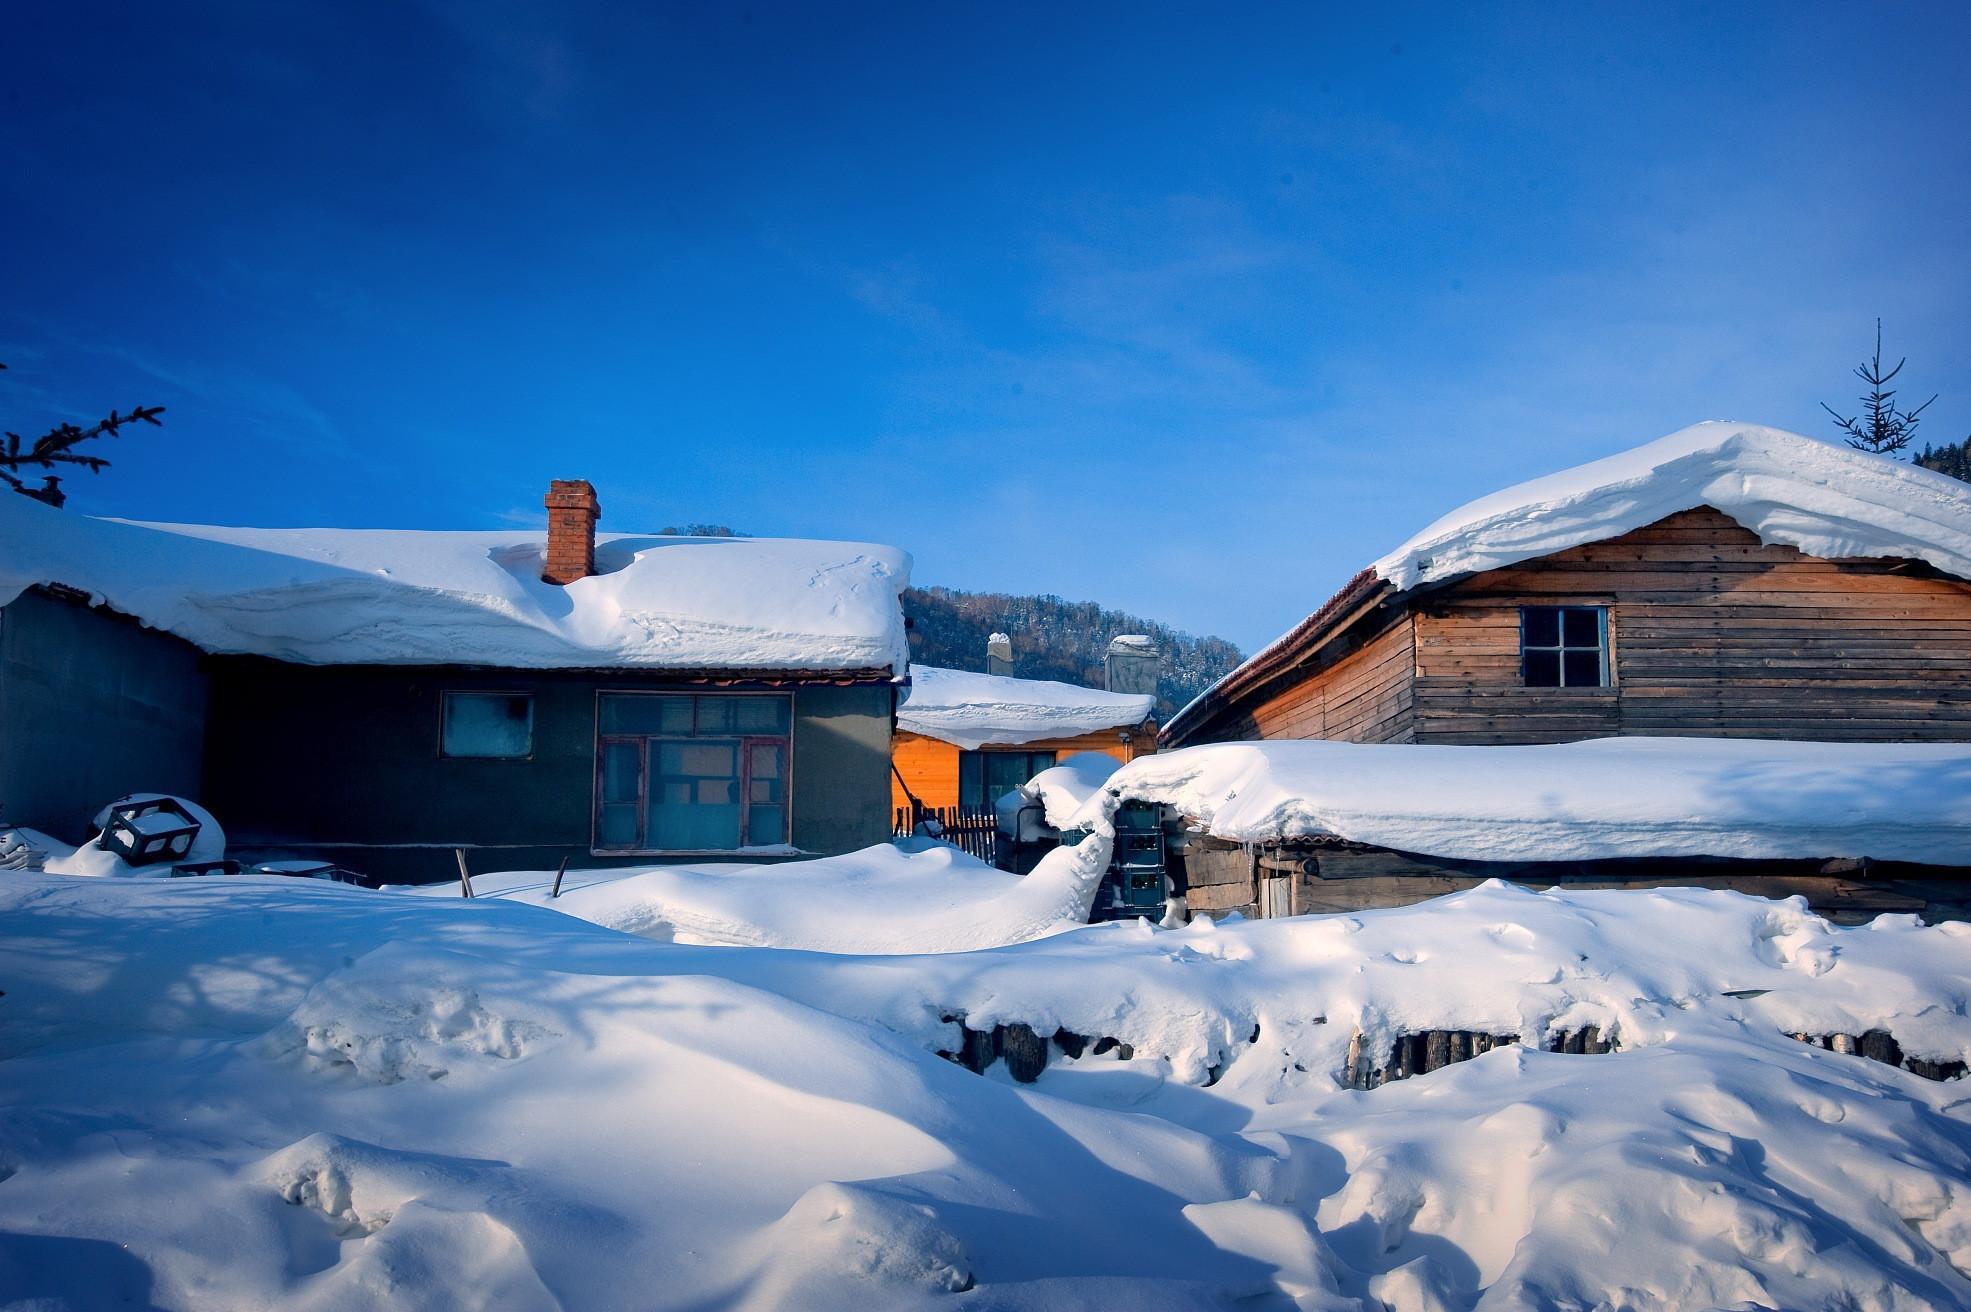 哈尔滨、雪乡、大雪谷、威虎寨双飞6日5晚跟团游[超值预售]赠送二次滑雪、品俄式西餐,一车一导不走回头路